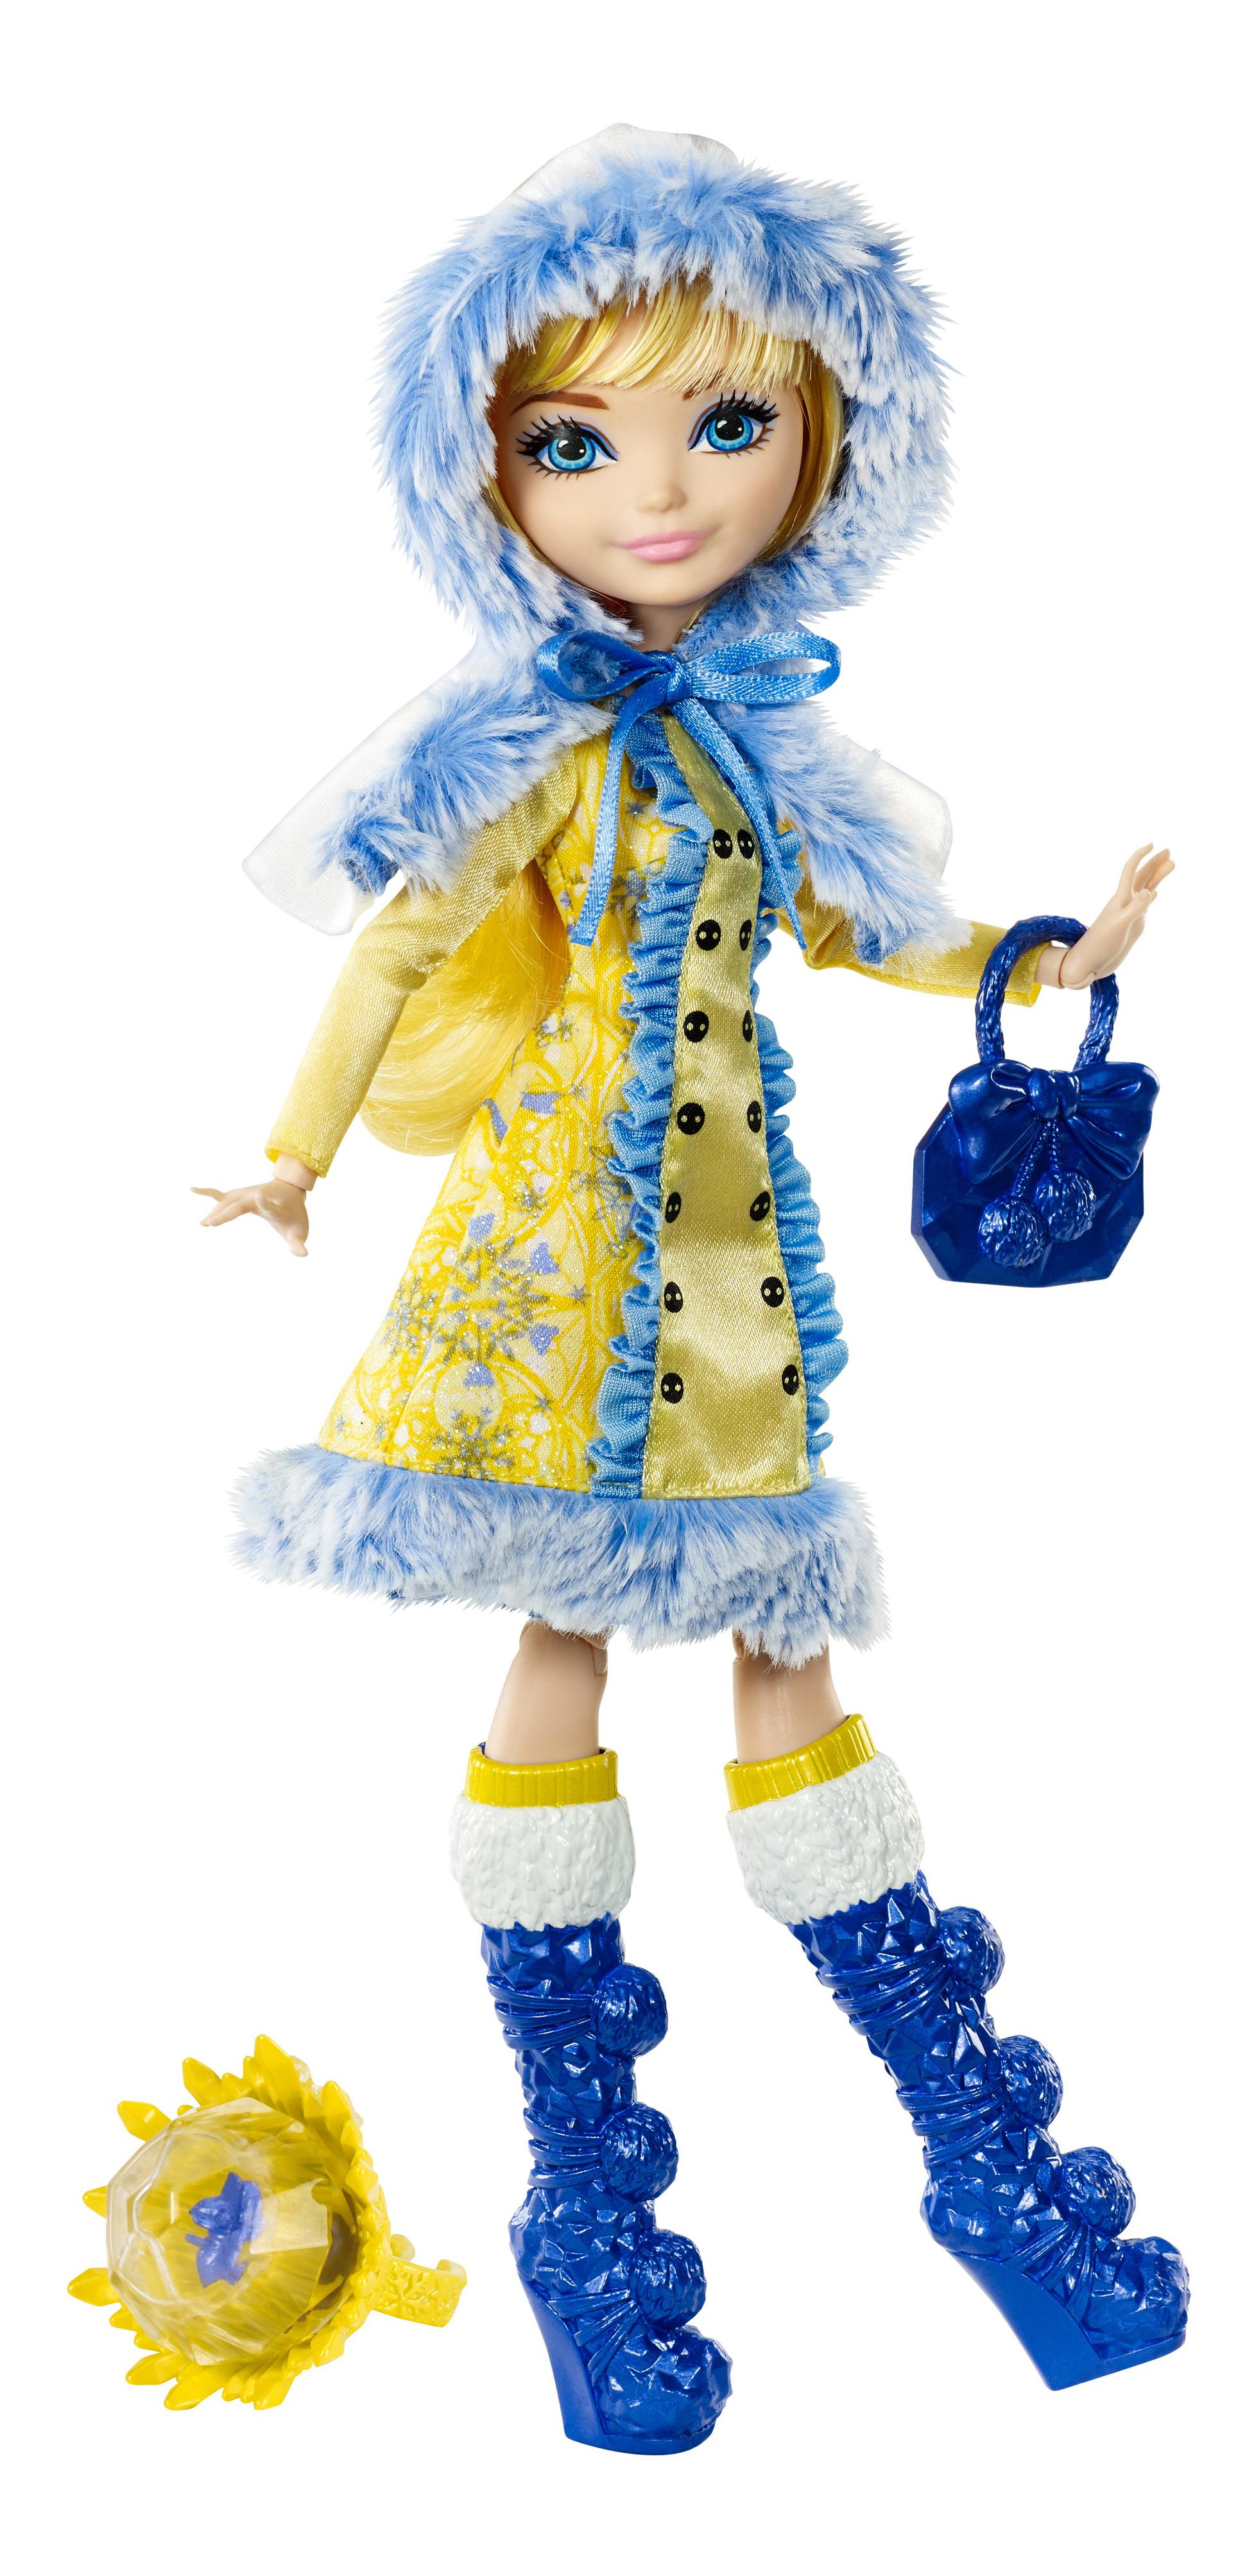 Купить Кукла Ever After High Заколдованная зима - Блонди Локс DKR62 DKR66, Куклы